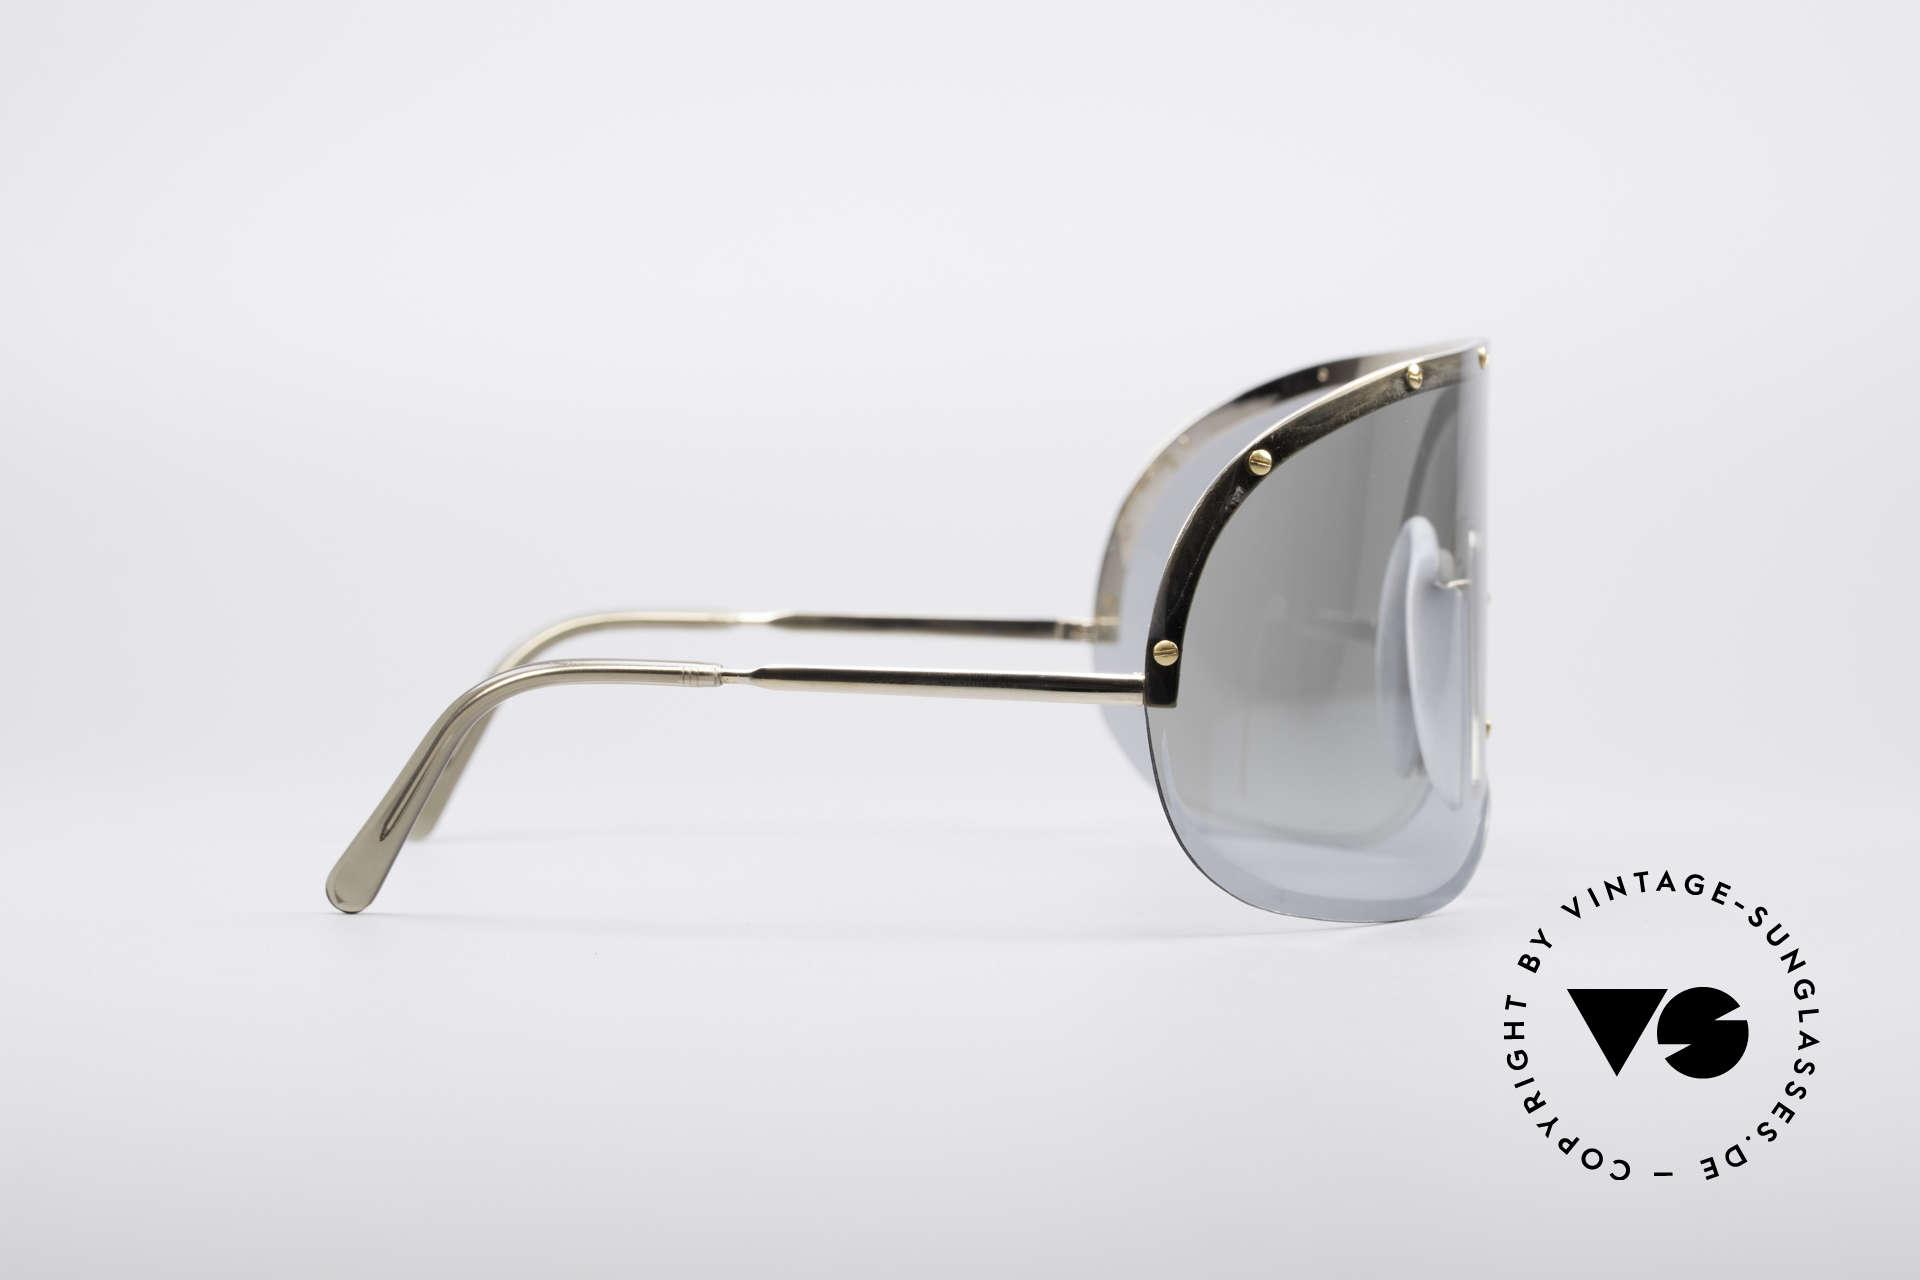 """Porsche 5620 Yoko Ono Sonnenbrille Gold, daher weltweit als die """"Yoko Ono Sonnenbrille"""" bekannt, Passend für Herren und Damen"""